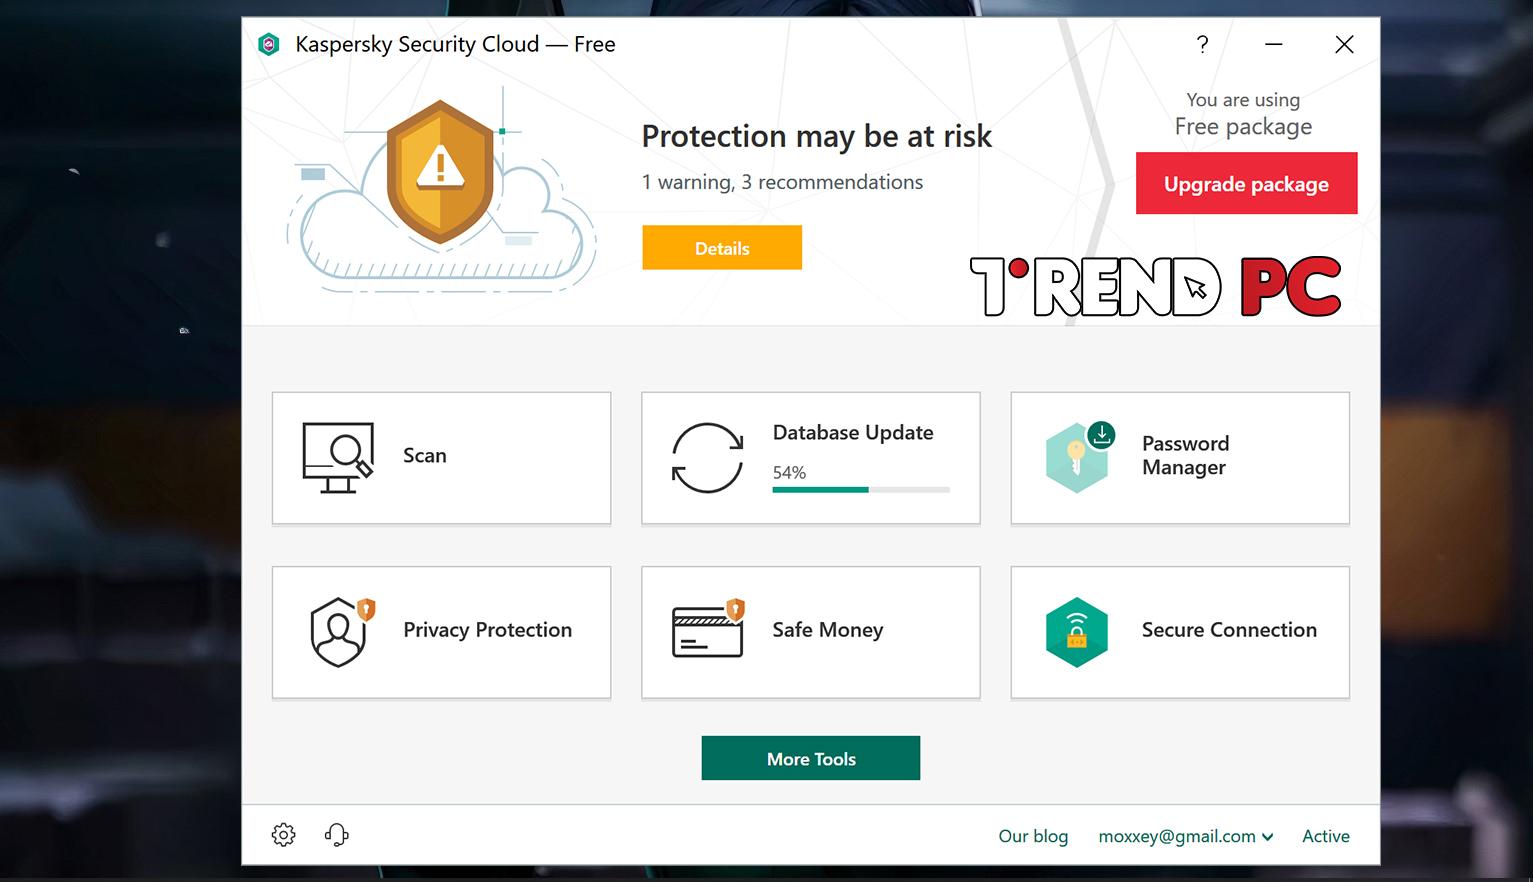 برنامج Kaspersky Security Cloud Free